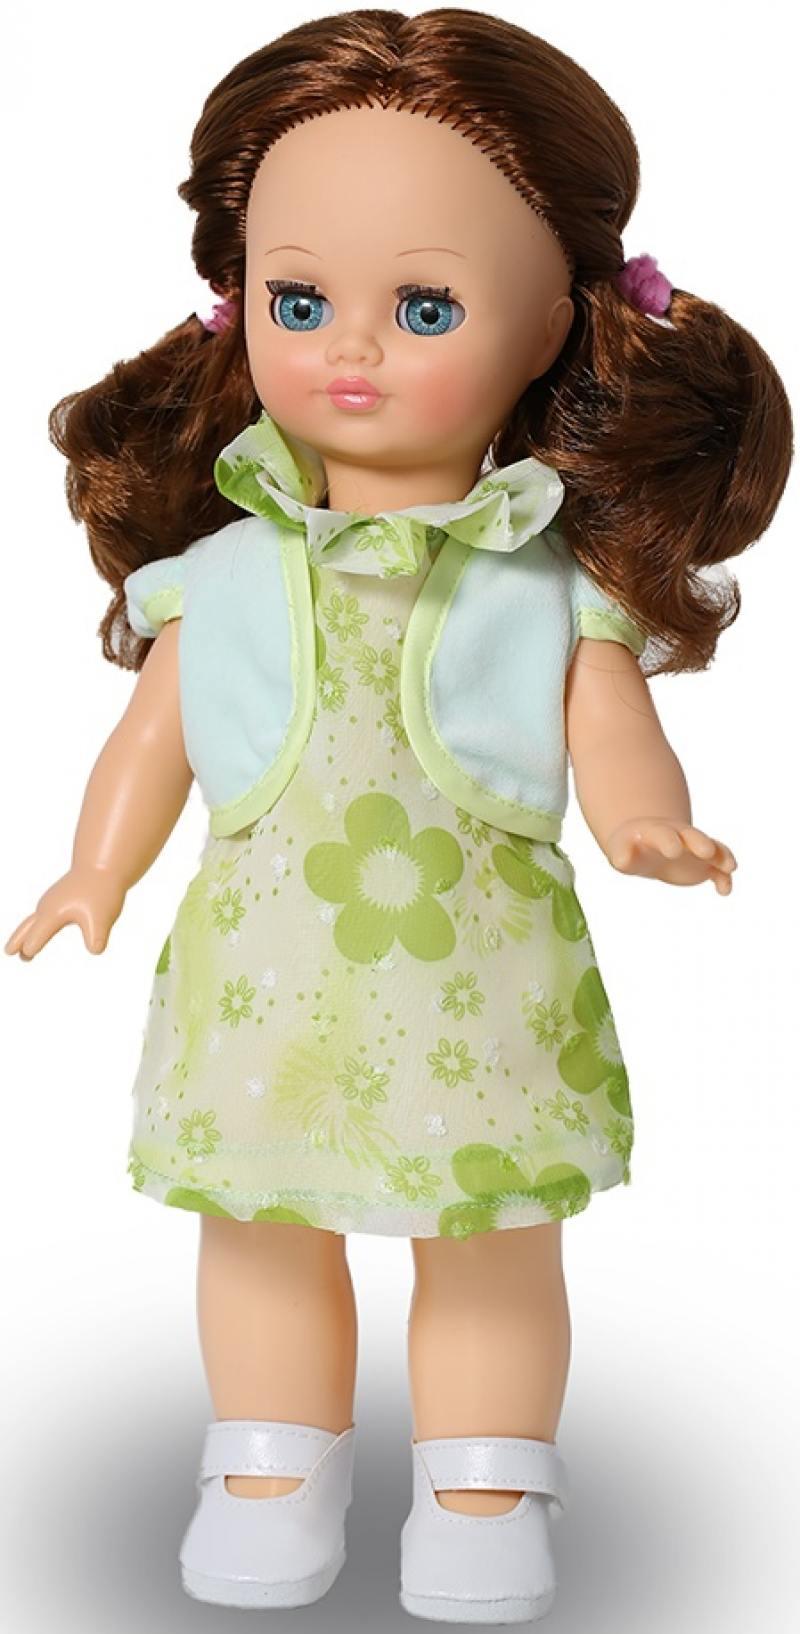 Кукла ВЕСНА Элла 3 (озвученная) В2955/о кукла весна наталья 7 озвученная в645 о